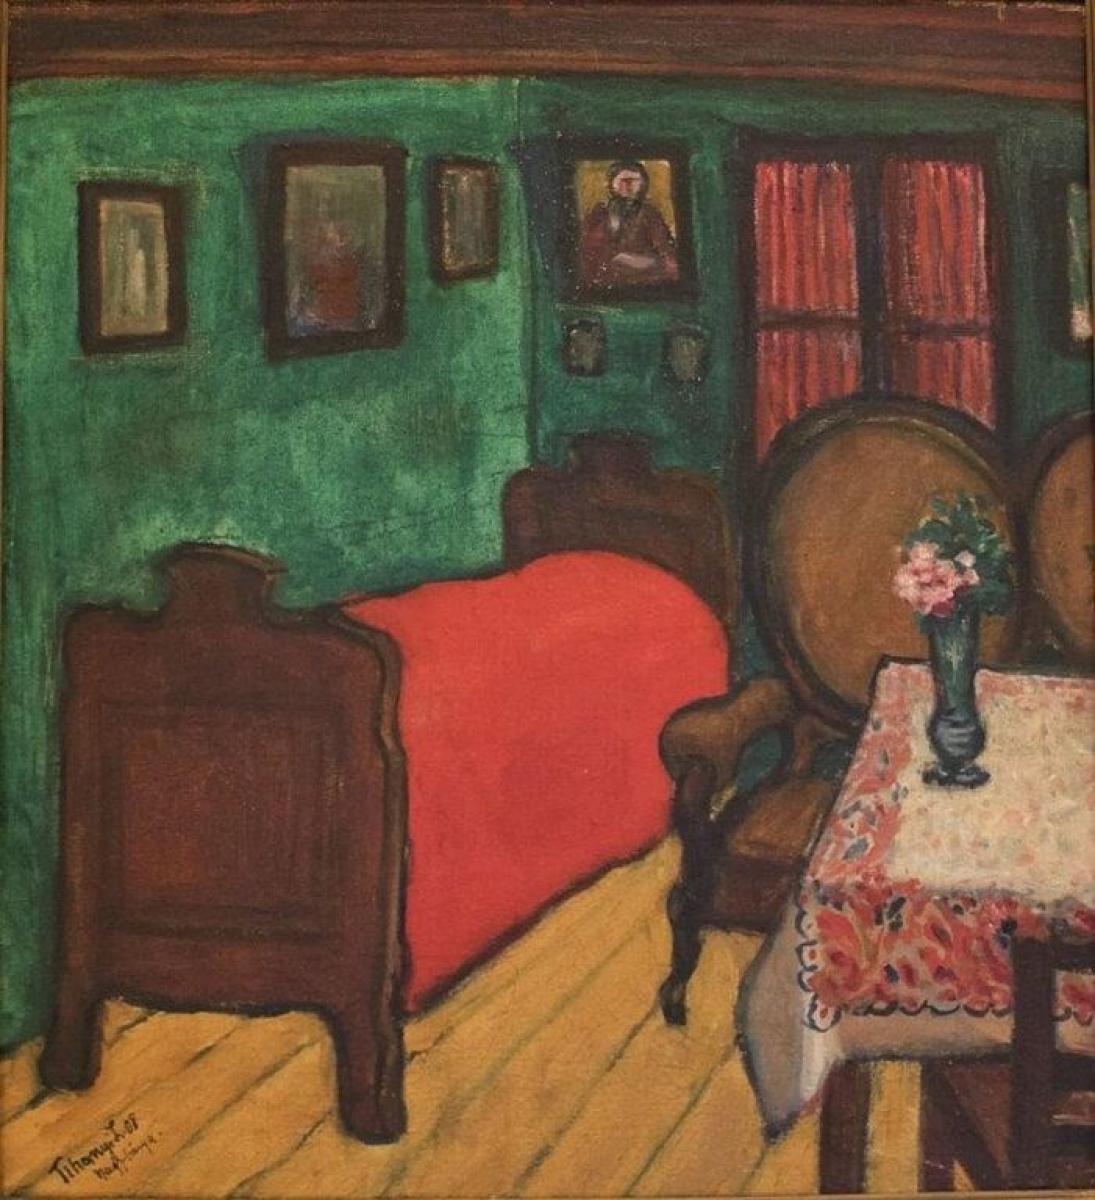 TIHANYI LAJOS Interieur, 1908